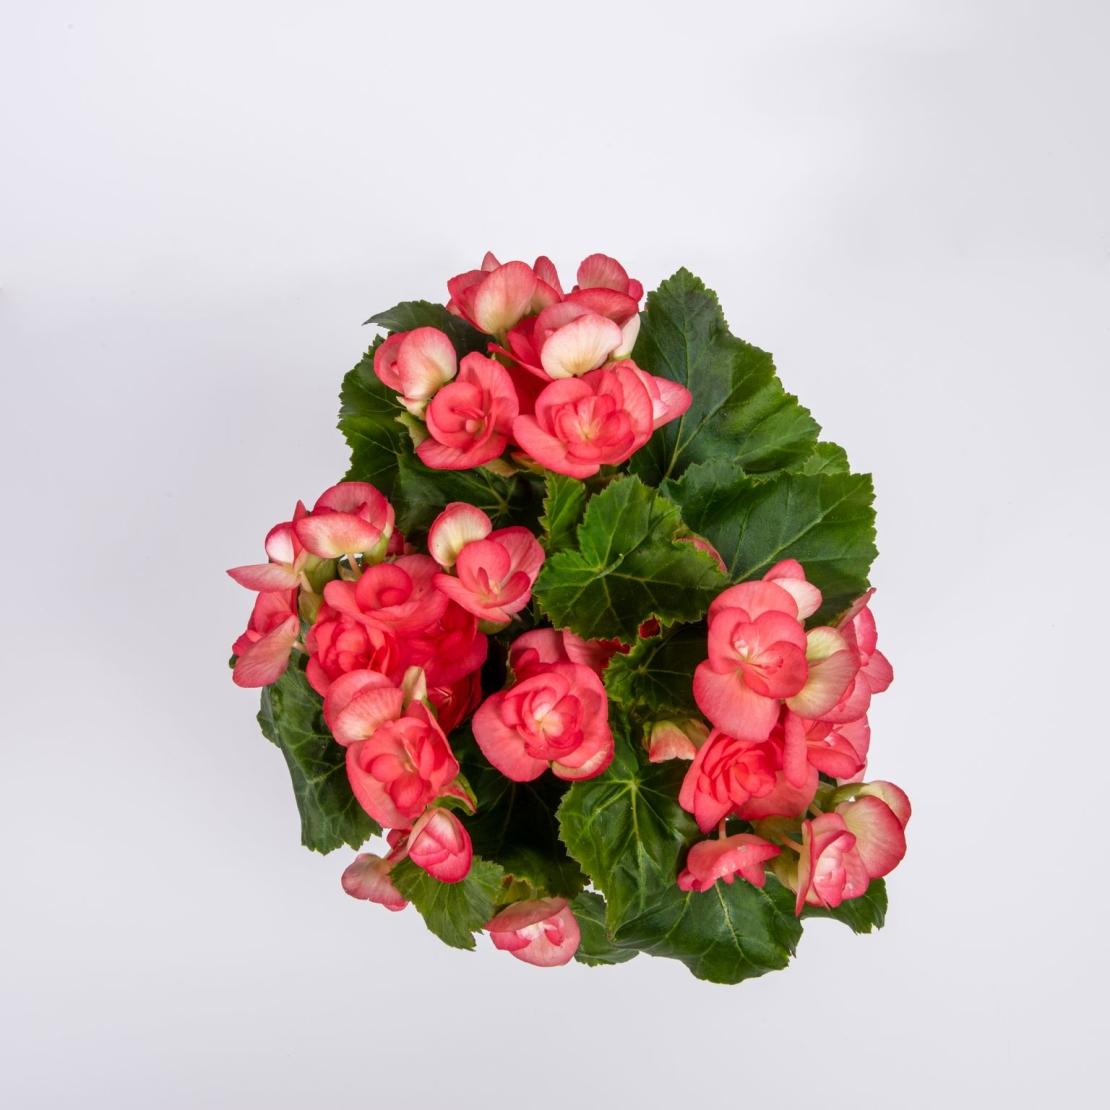 ביגוניה ורד במגוון צבעים כולל כלי